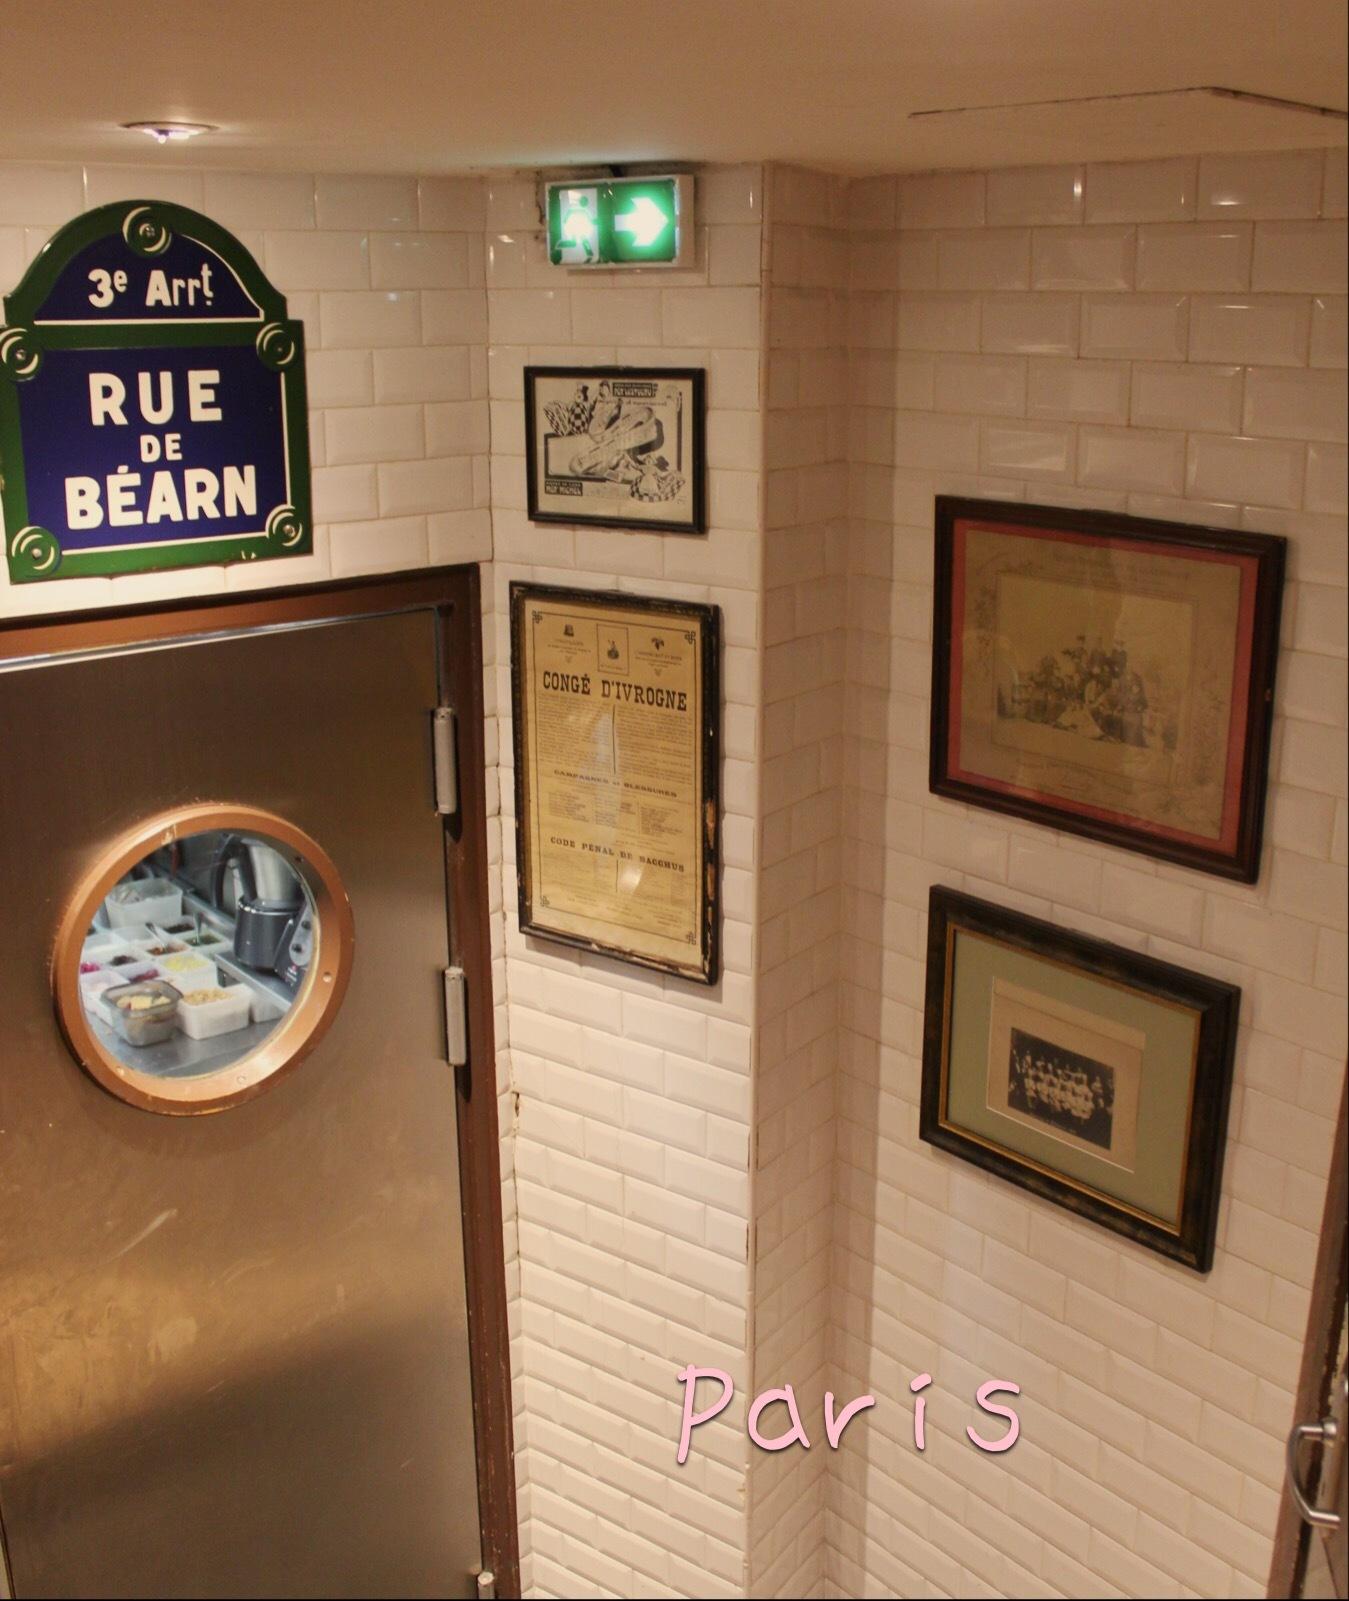 パリの旅日記!サンジェルマン・デプレ*⃝̣◌︎⑅⃝︎◍︎♡︎◌︎*⃝̥◍︎♡︎_a0213806_17090362.jpeg